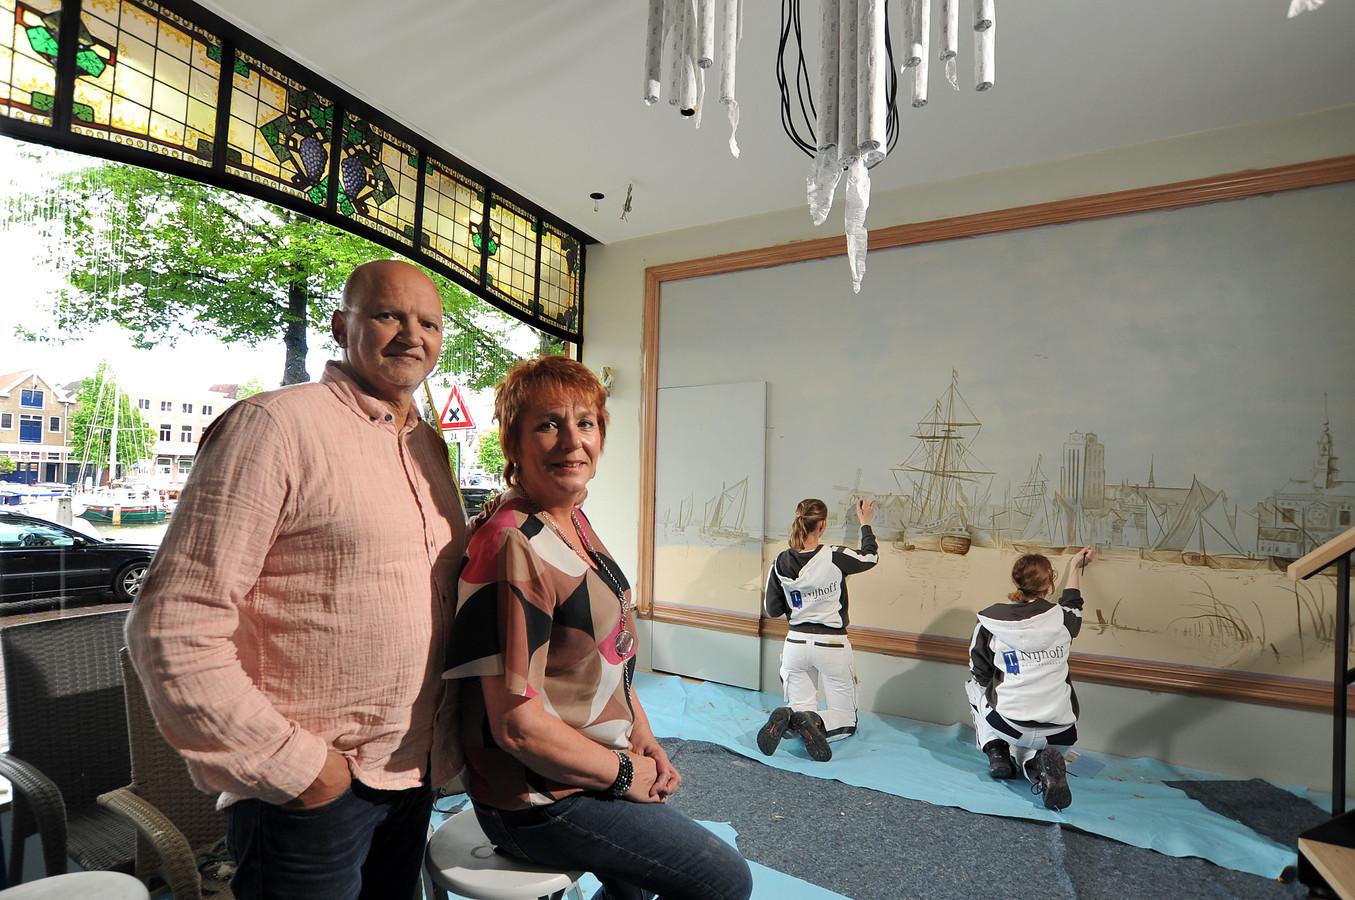 Rob en Yvonne van Wingerden openden een B&B in het geboortehuis van Aelbert Cuyp.